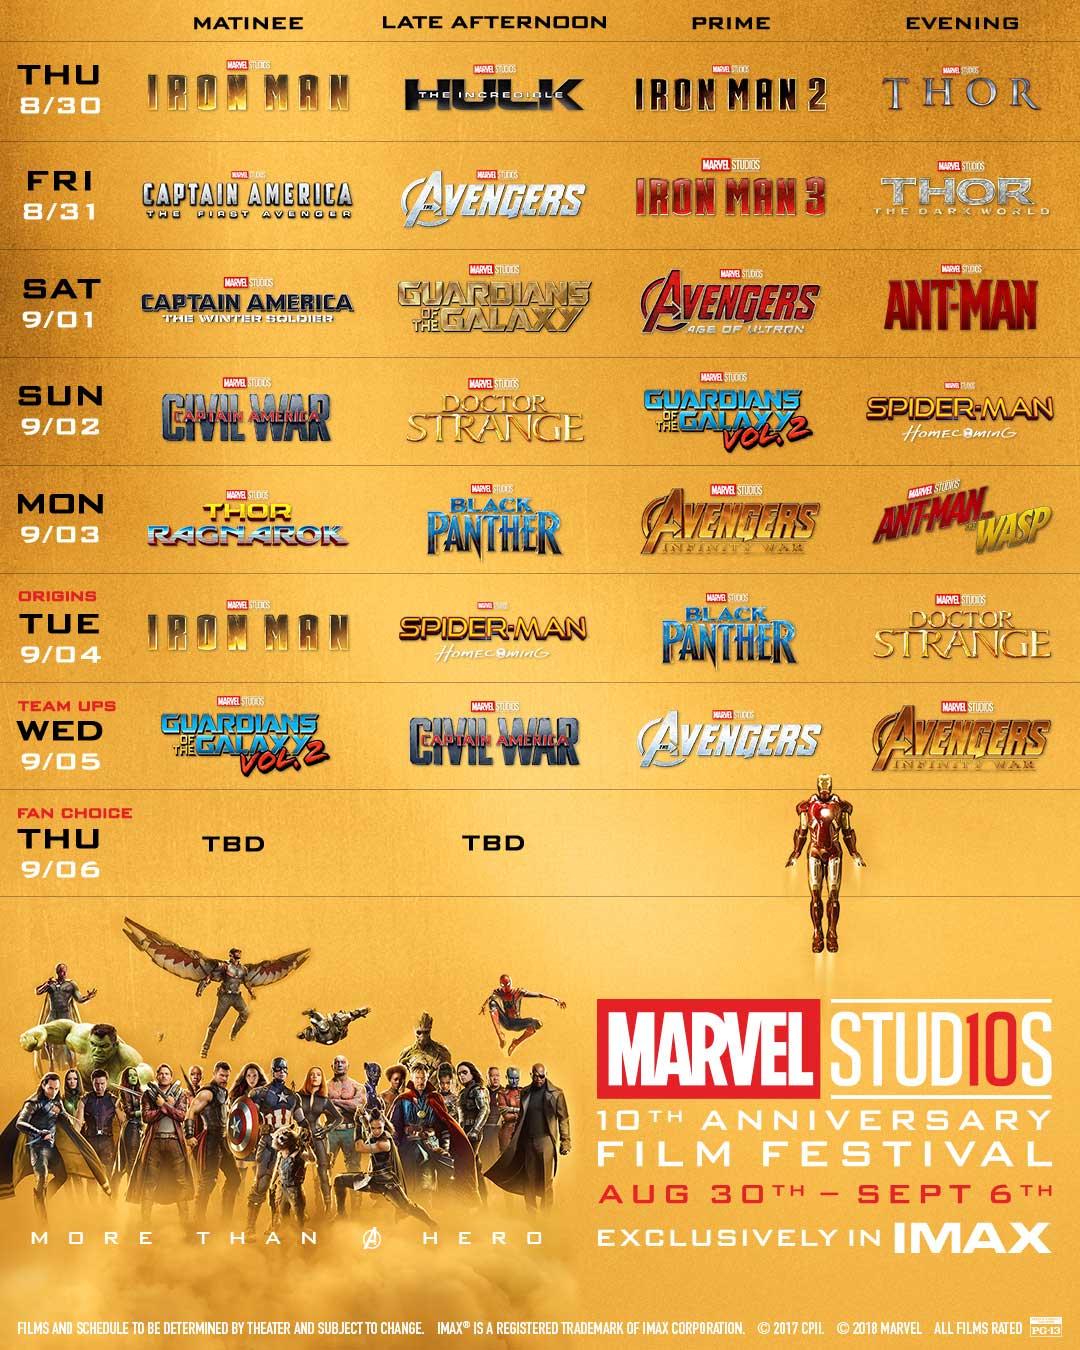 Marvel Studios Film Festival